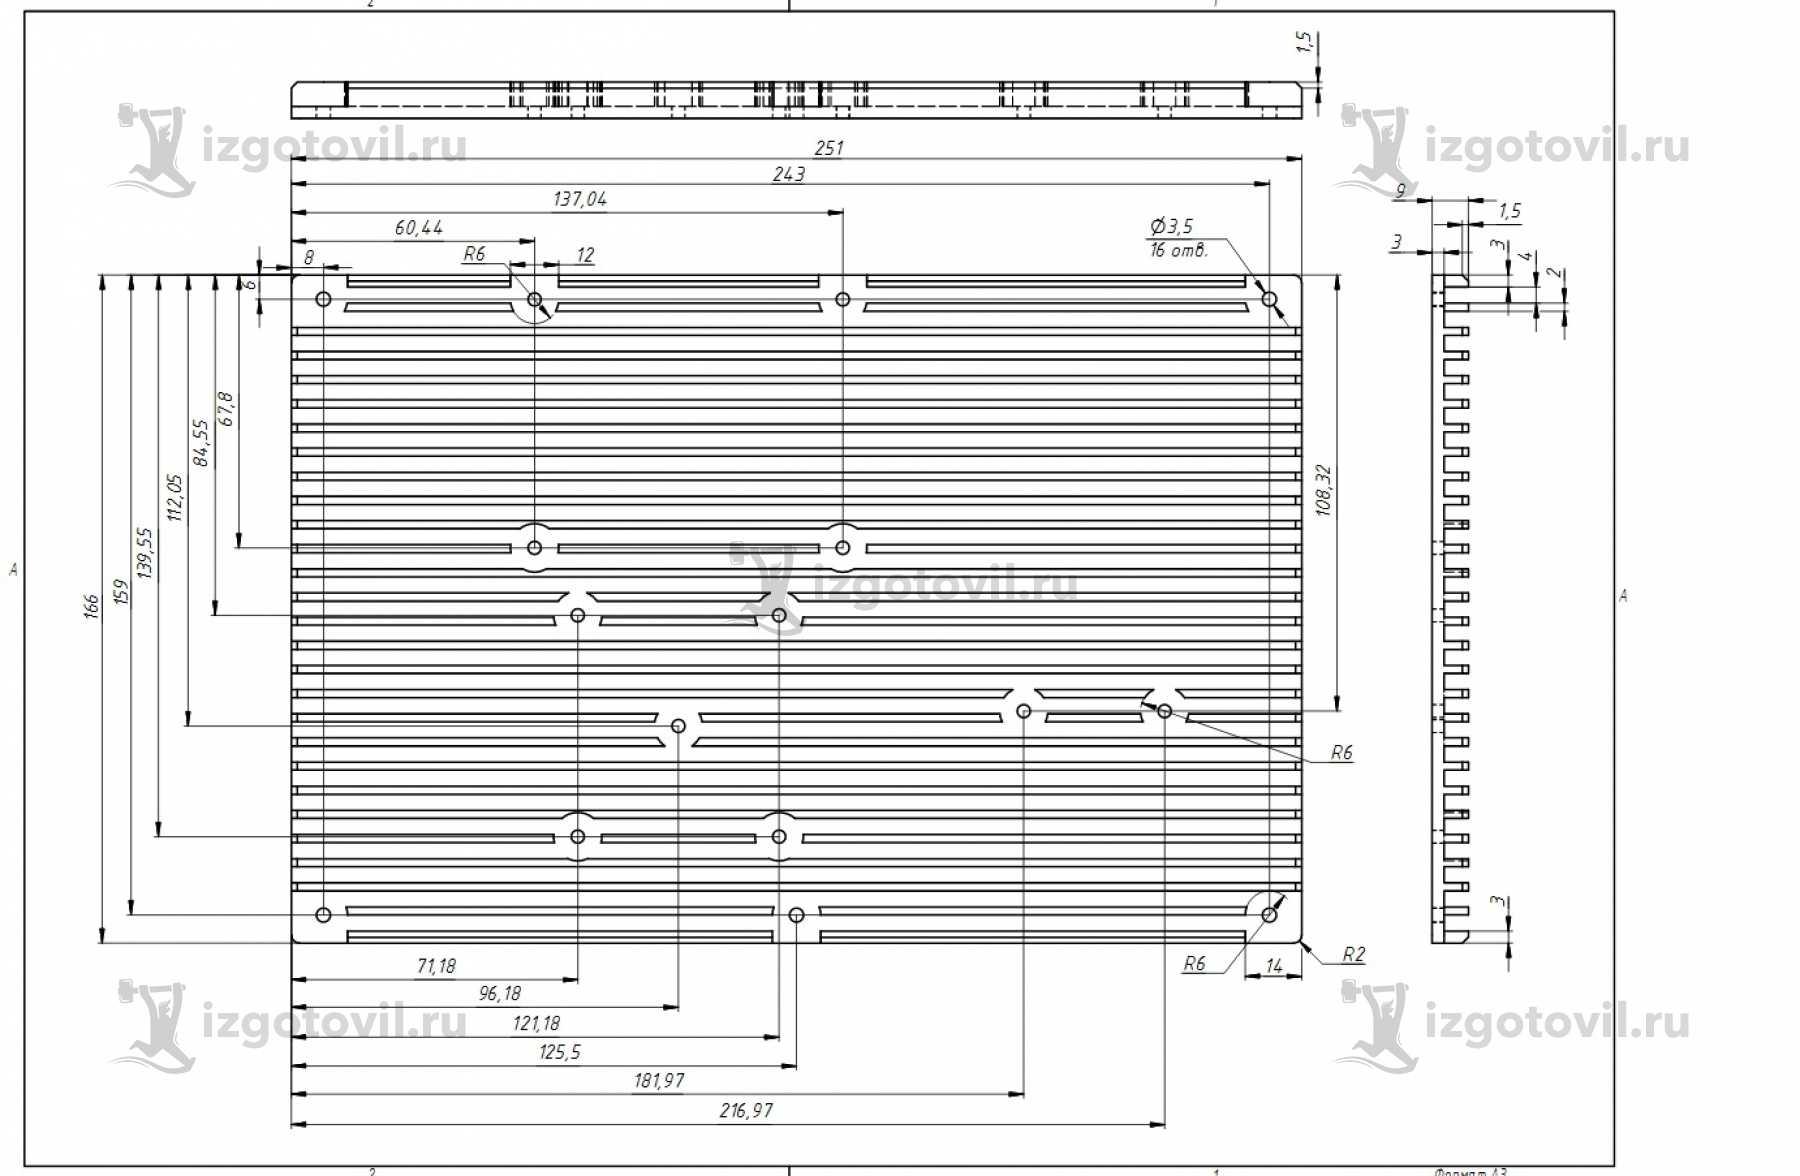 Изготовление деталей по чертежам - изготовление радиатора